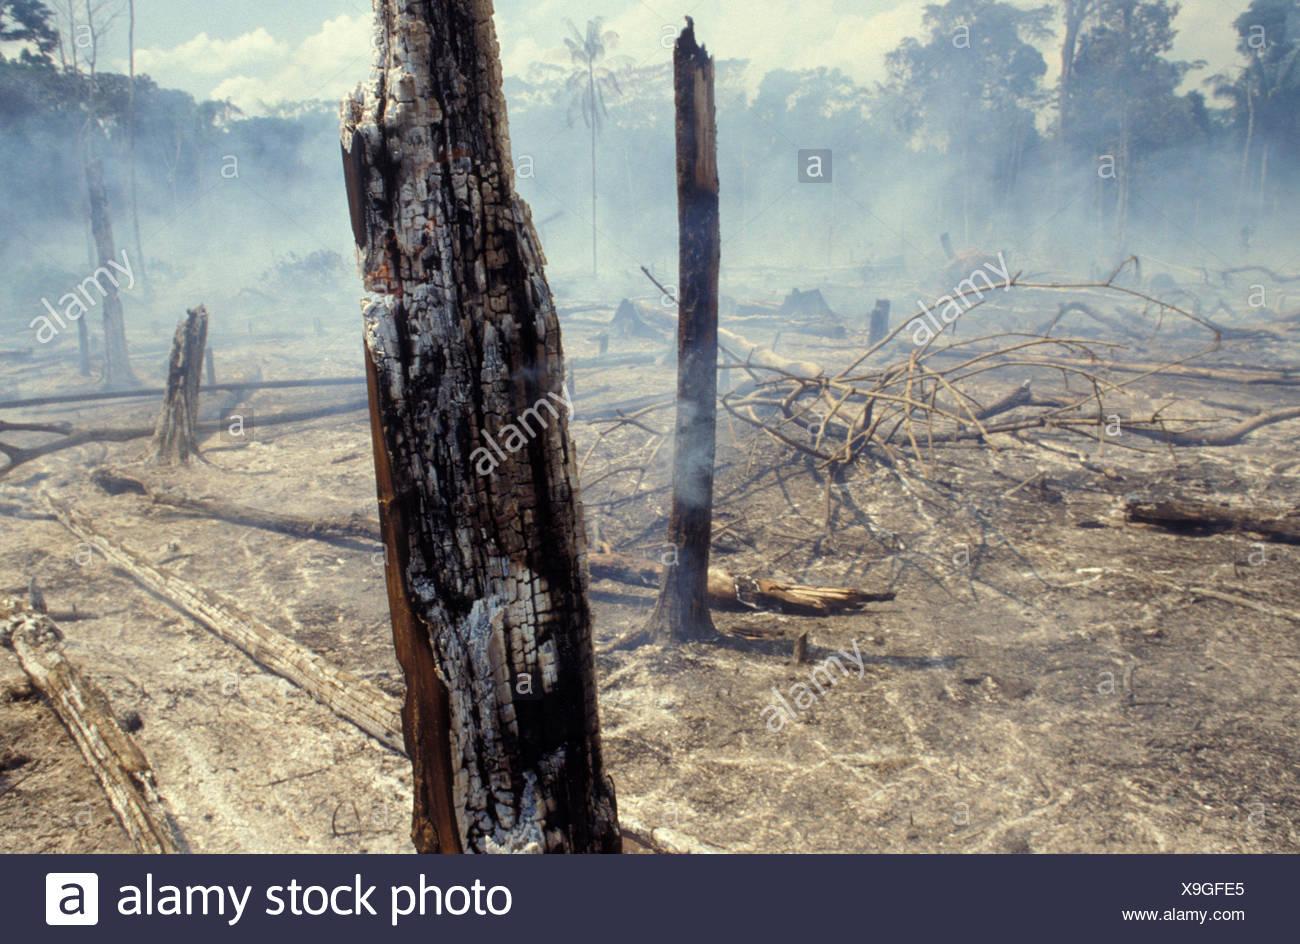 Forêt Amazonienne la gravure. La déforestation. Le Brésil. Arbres brûlés, déséquilibre écologique, du défrichage. Photo Stock